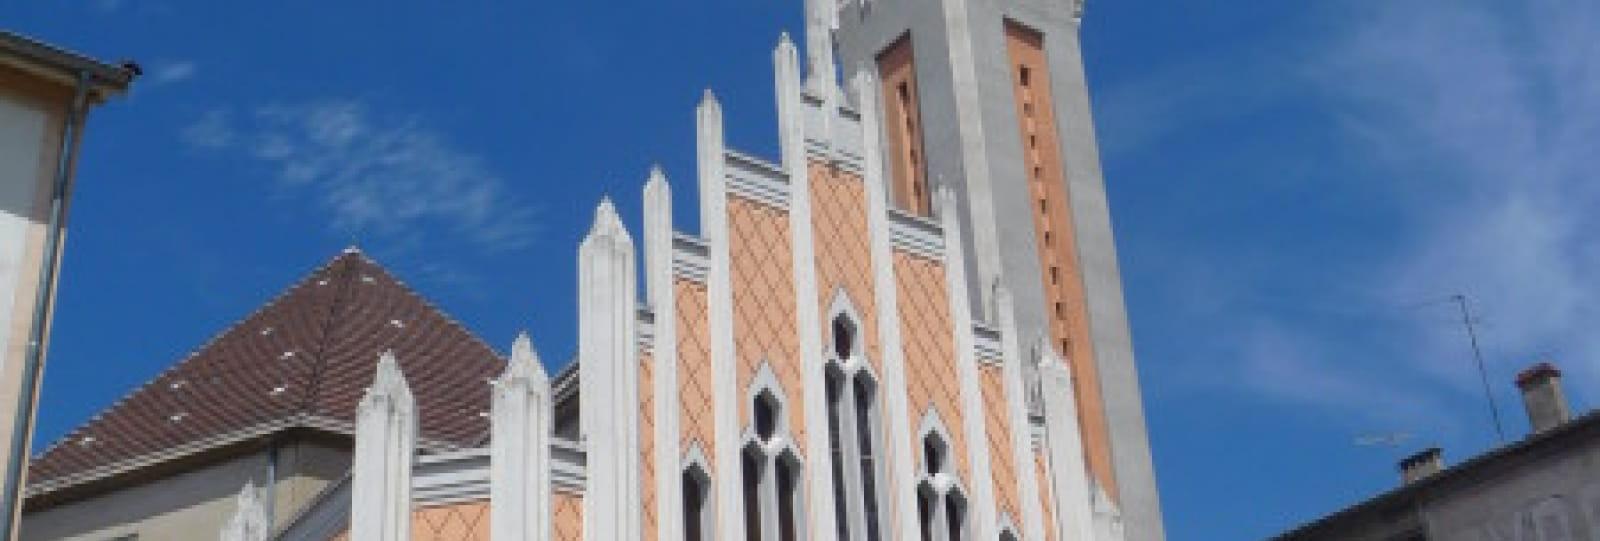 Eglise Notre Dame de Lourdes_Romans